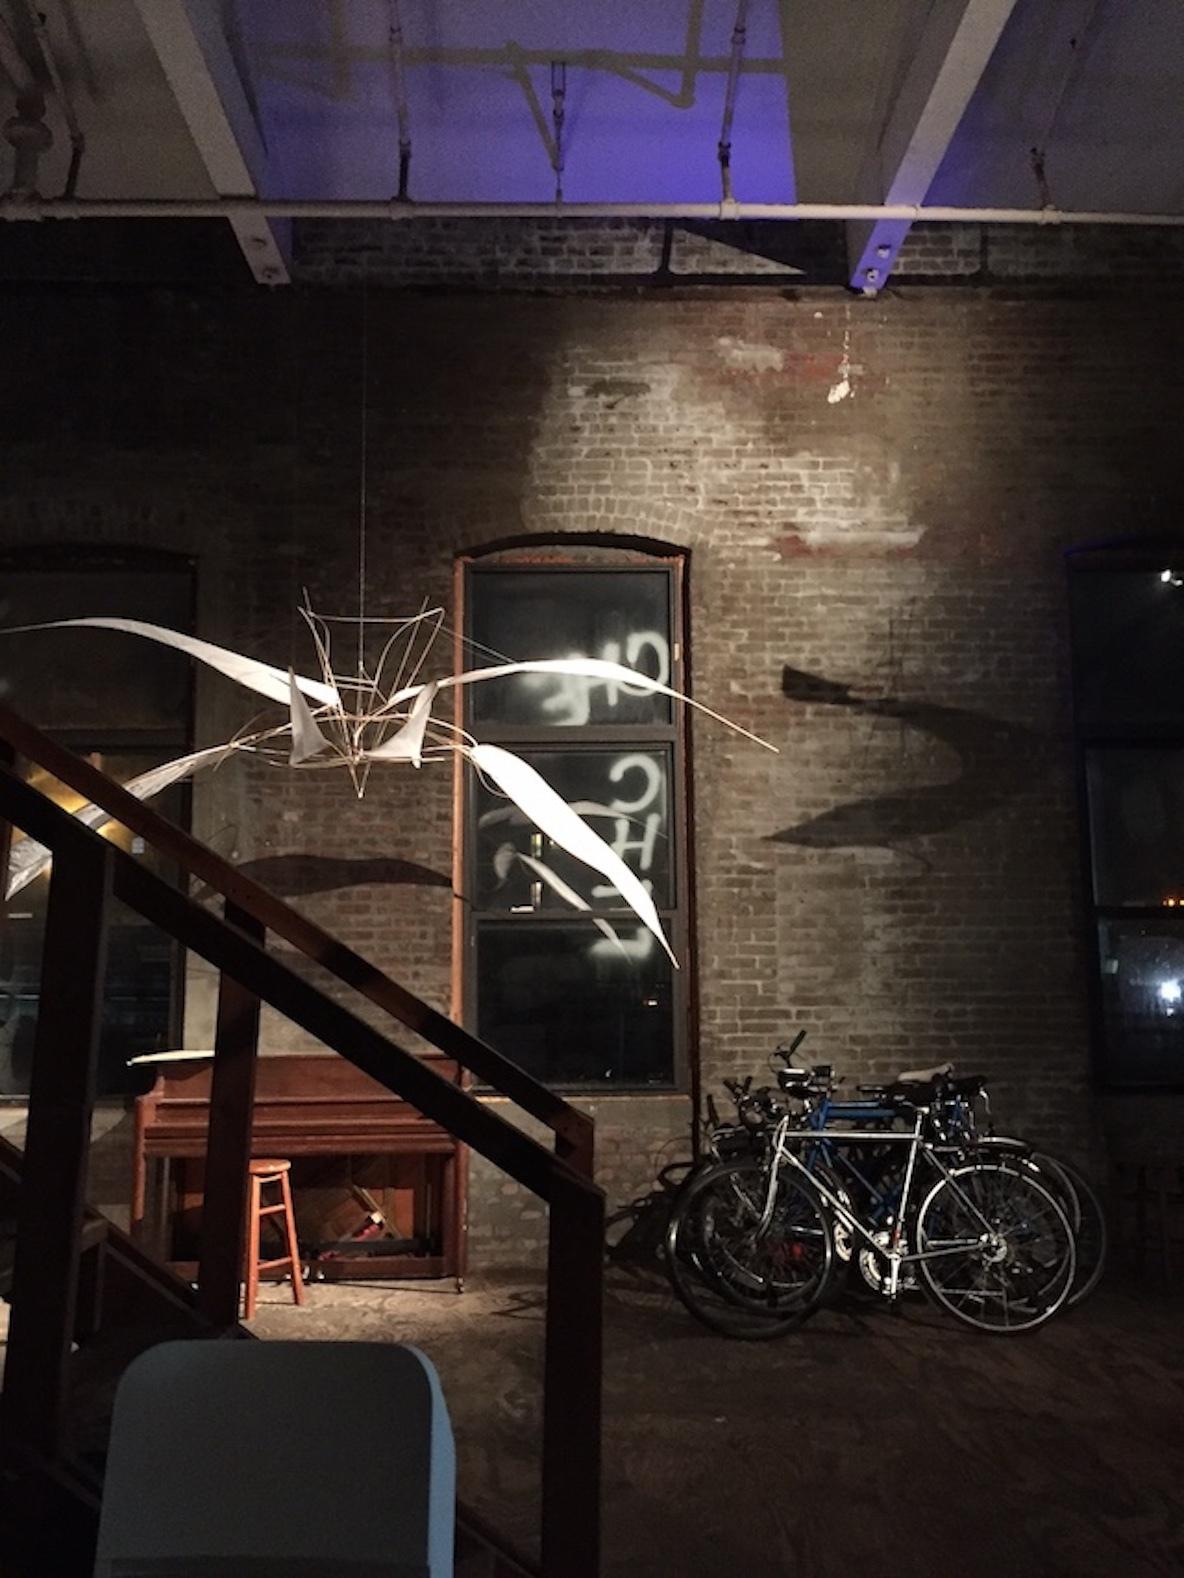 11人のアーティストが暮らす、ニューヨーク・ブルックリンのアートなアトリエ空間